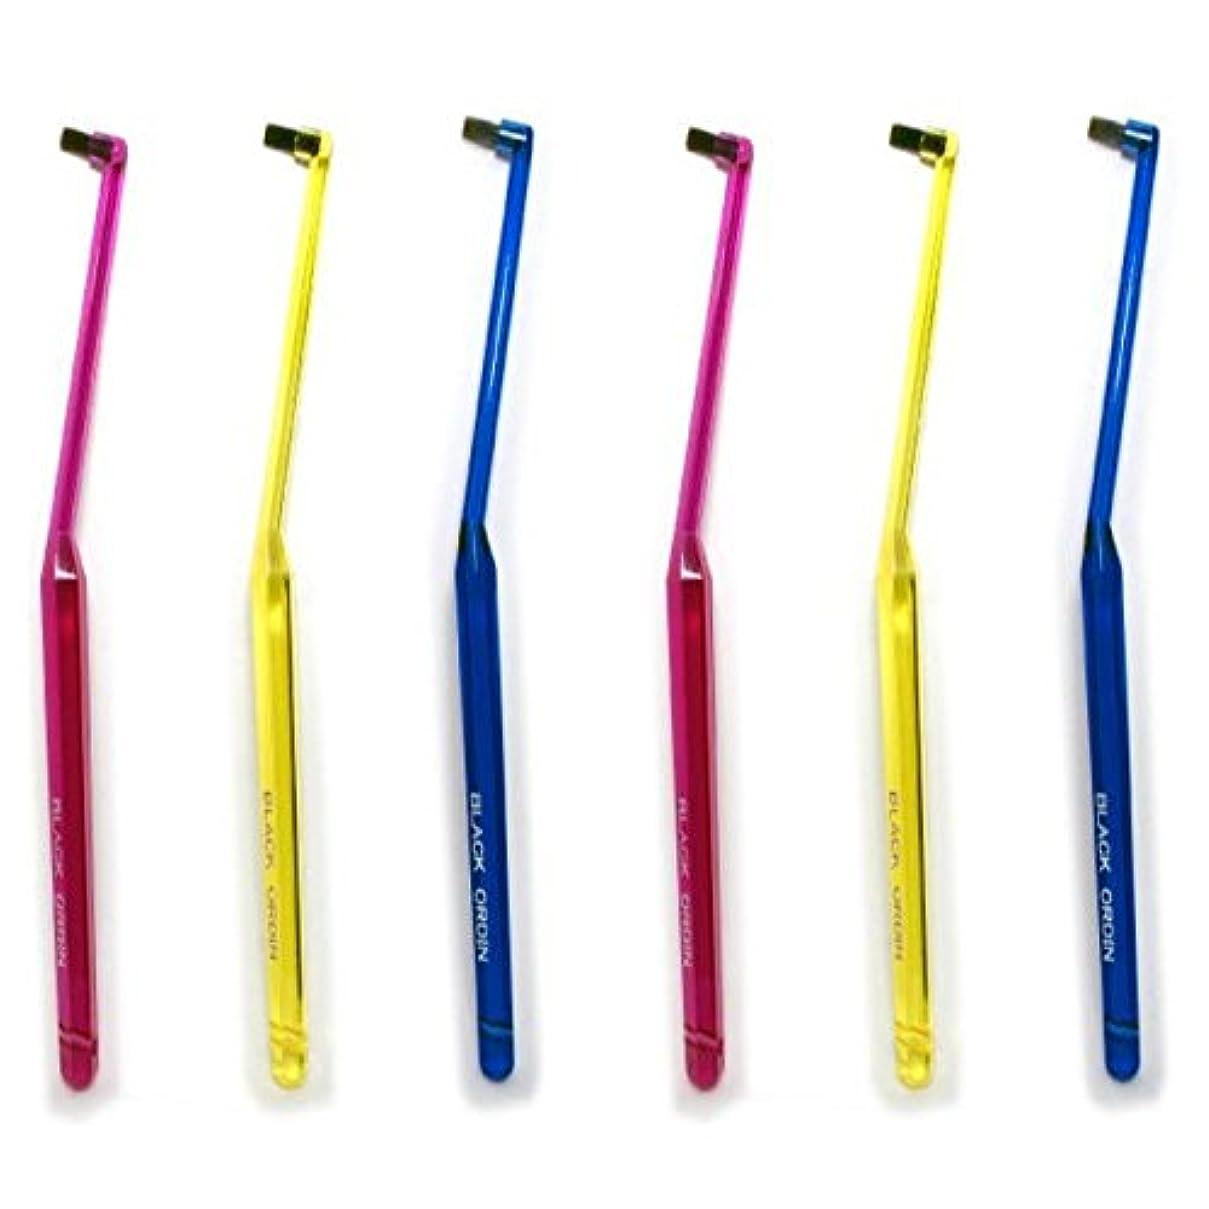 ダルセットチロ衝突ワンタフトブラシ ブラックオーディン ワンタフト×6本セット 部分用歯ブラシ 歯磨き 歯ブラシ